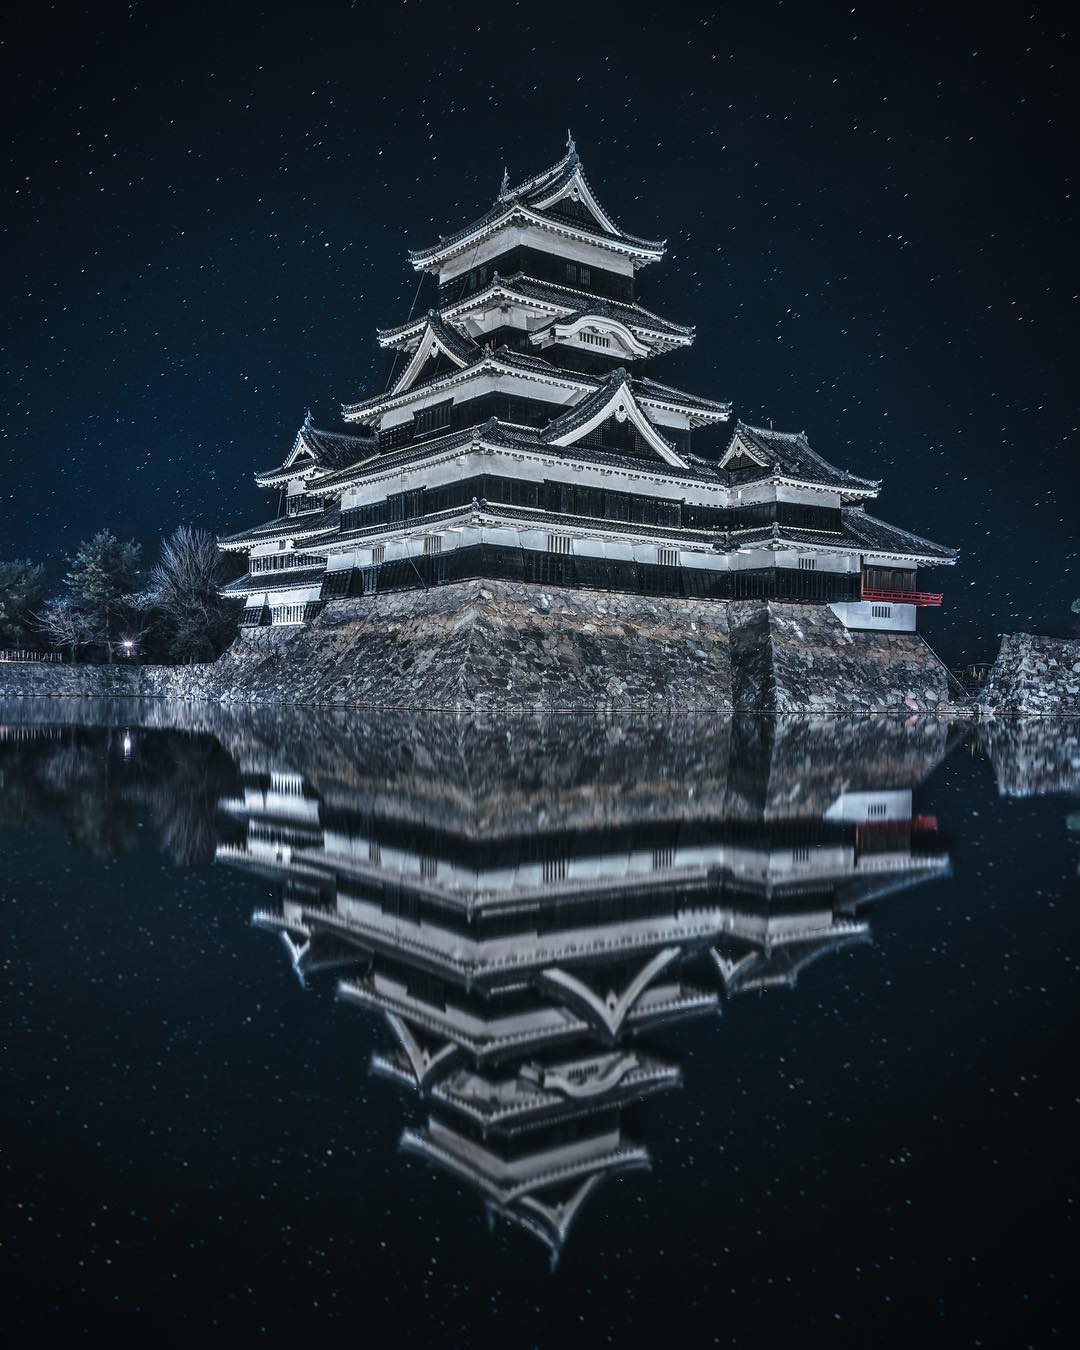 ფოტოგრაფია, ბლოგი, აზია, აღმოსავლეთ აზია, qwellygraphy, qwellyland